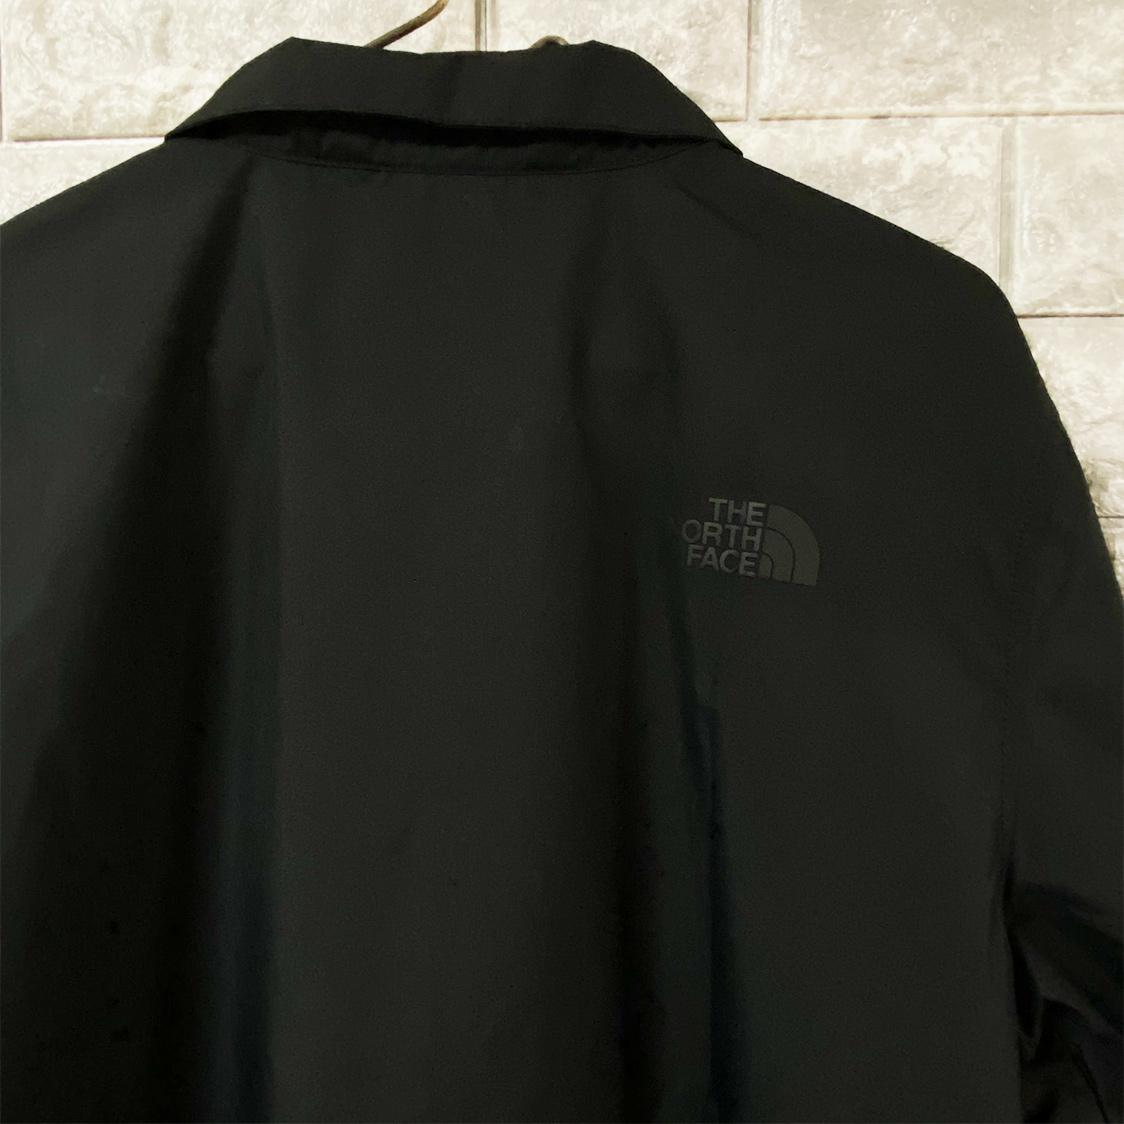 新品 THE NORTH FACE ザ ノースフェイス 【サイズM】 コーチジャケット USAモデル ブラック